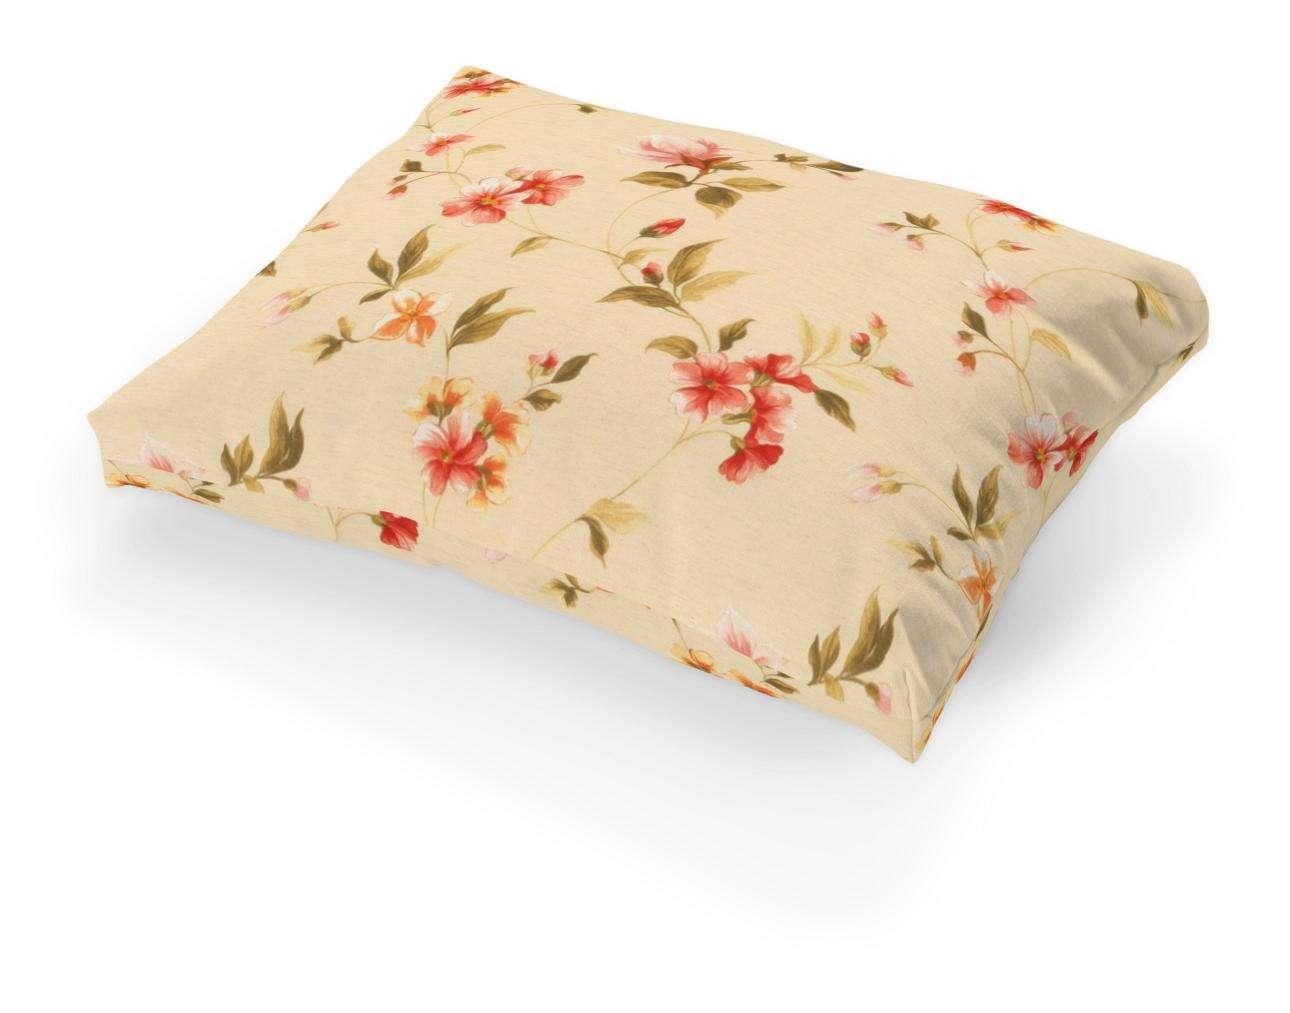 Tylösand pagalvėlės užvalkalas Tylösand pagalvėlė kolekcijoje Londres, audinys: 124-05